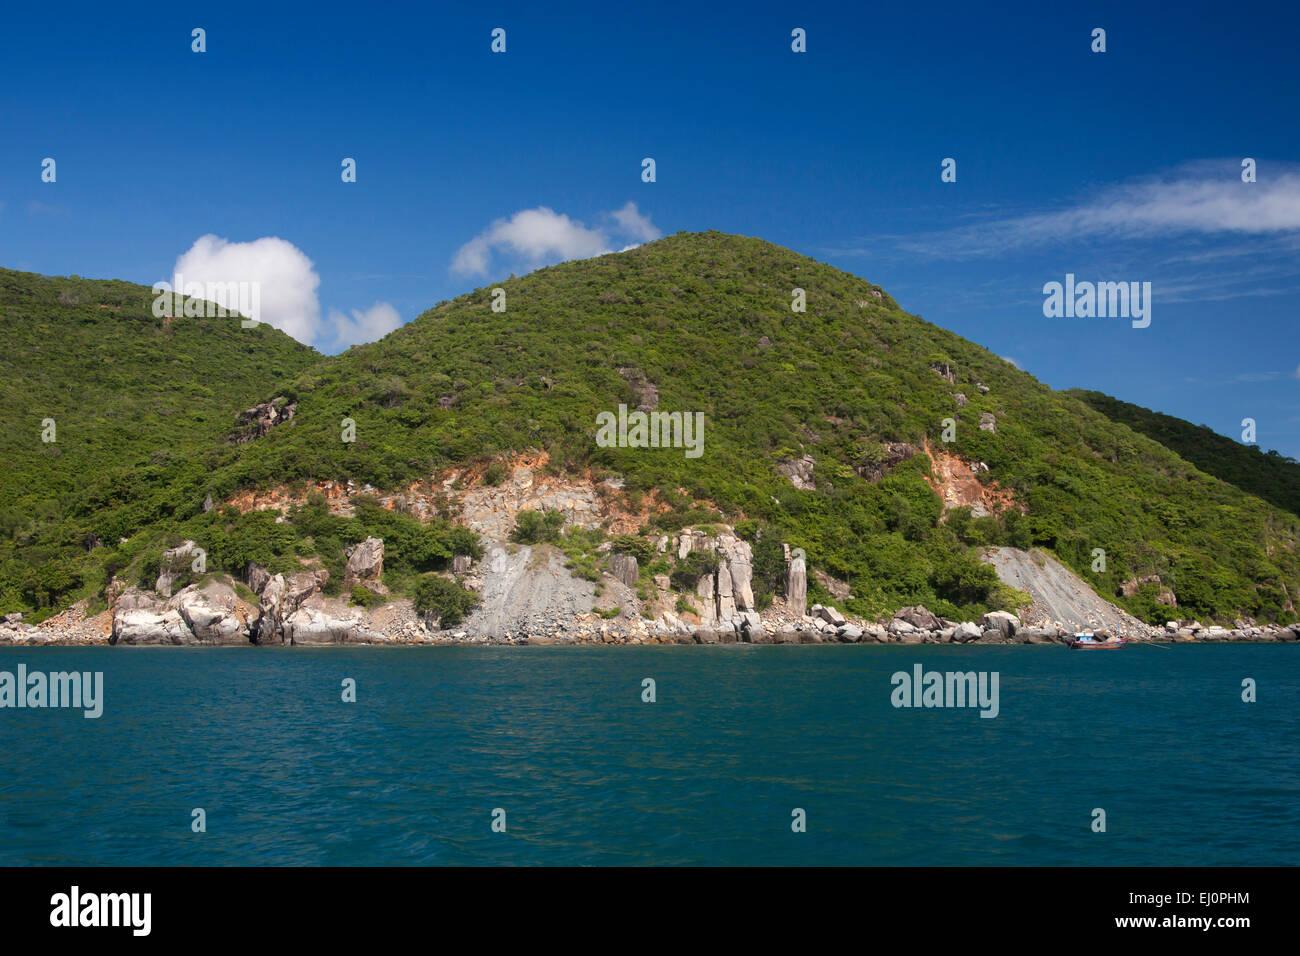 Hon, Mot, bay, Vinpearl, island, South China Sea, sea, Asian, Asia, outside, mountains, mountainous, landscape, - Stock Image